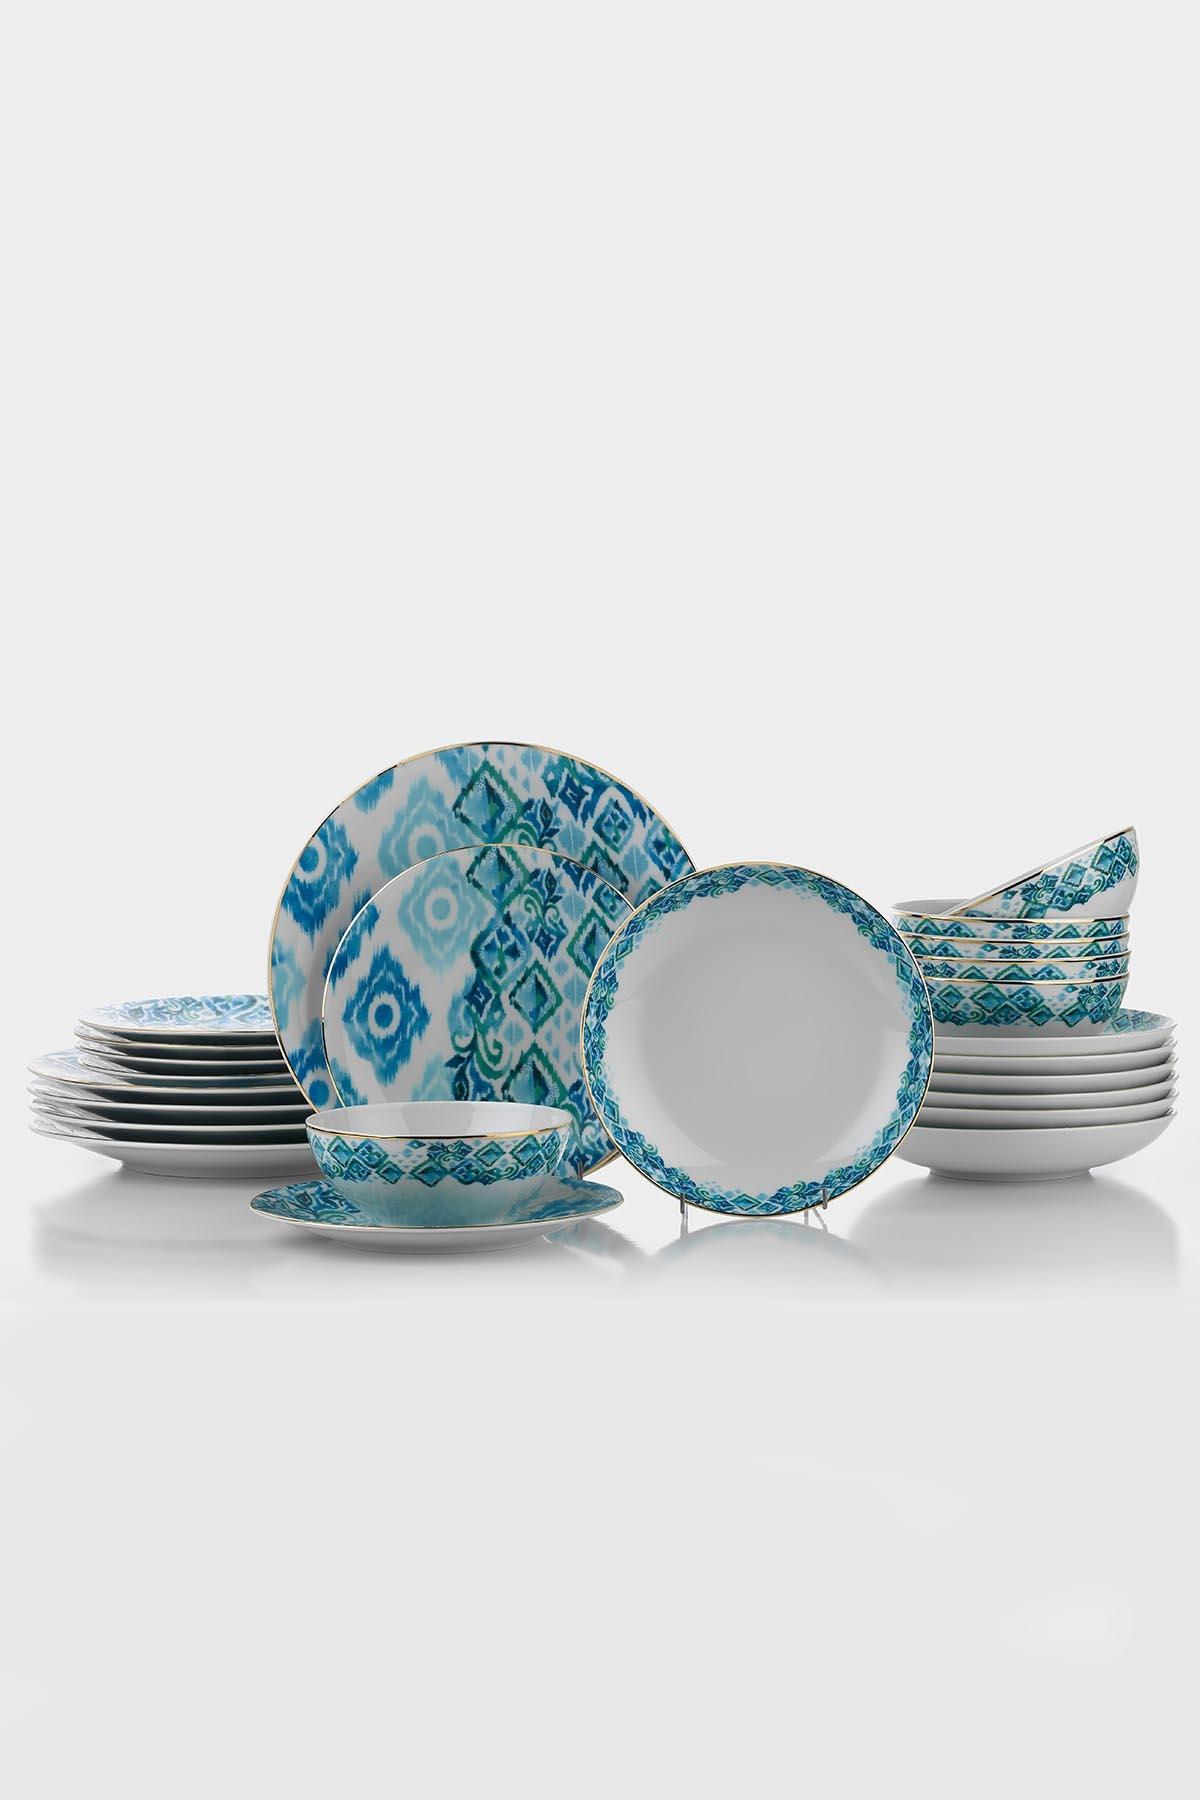 Kütahya Porselen Isabella Altın Fileli Yemek Seti